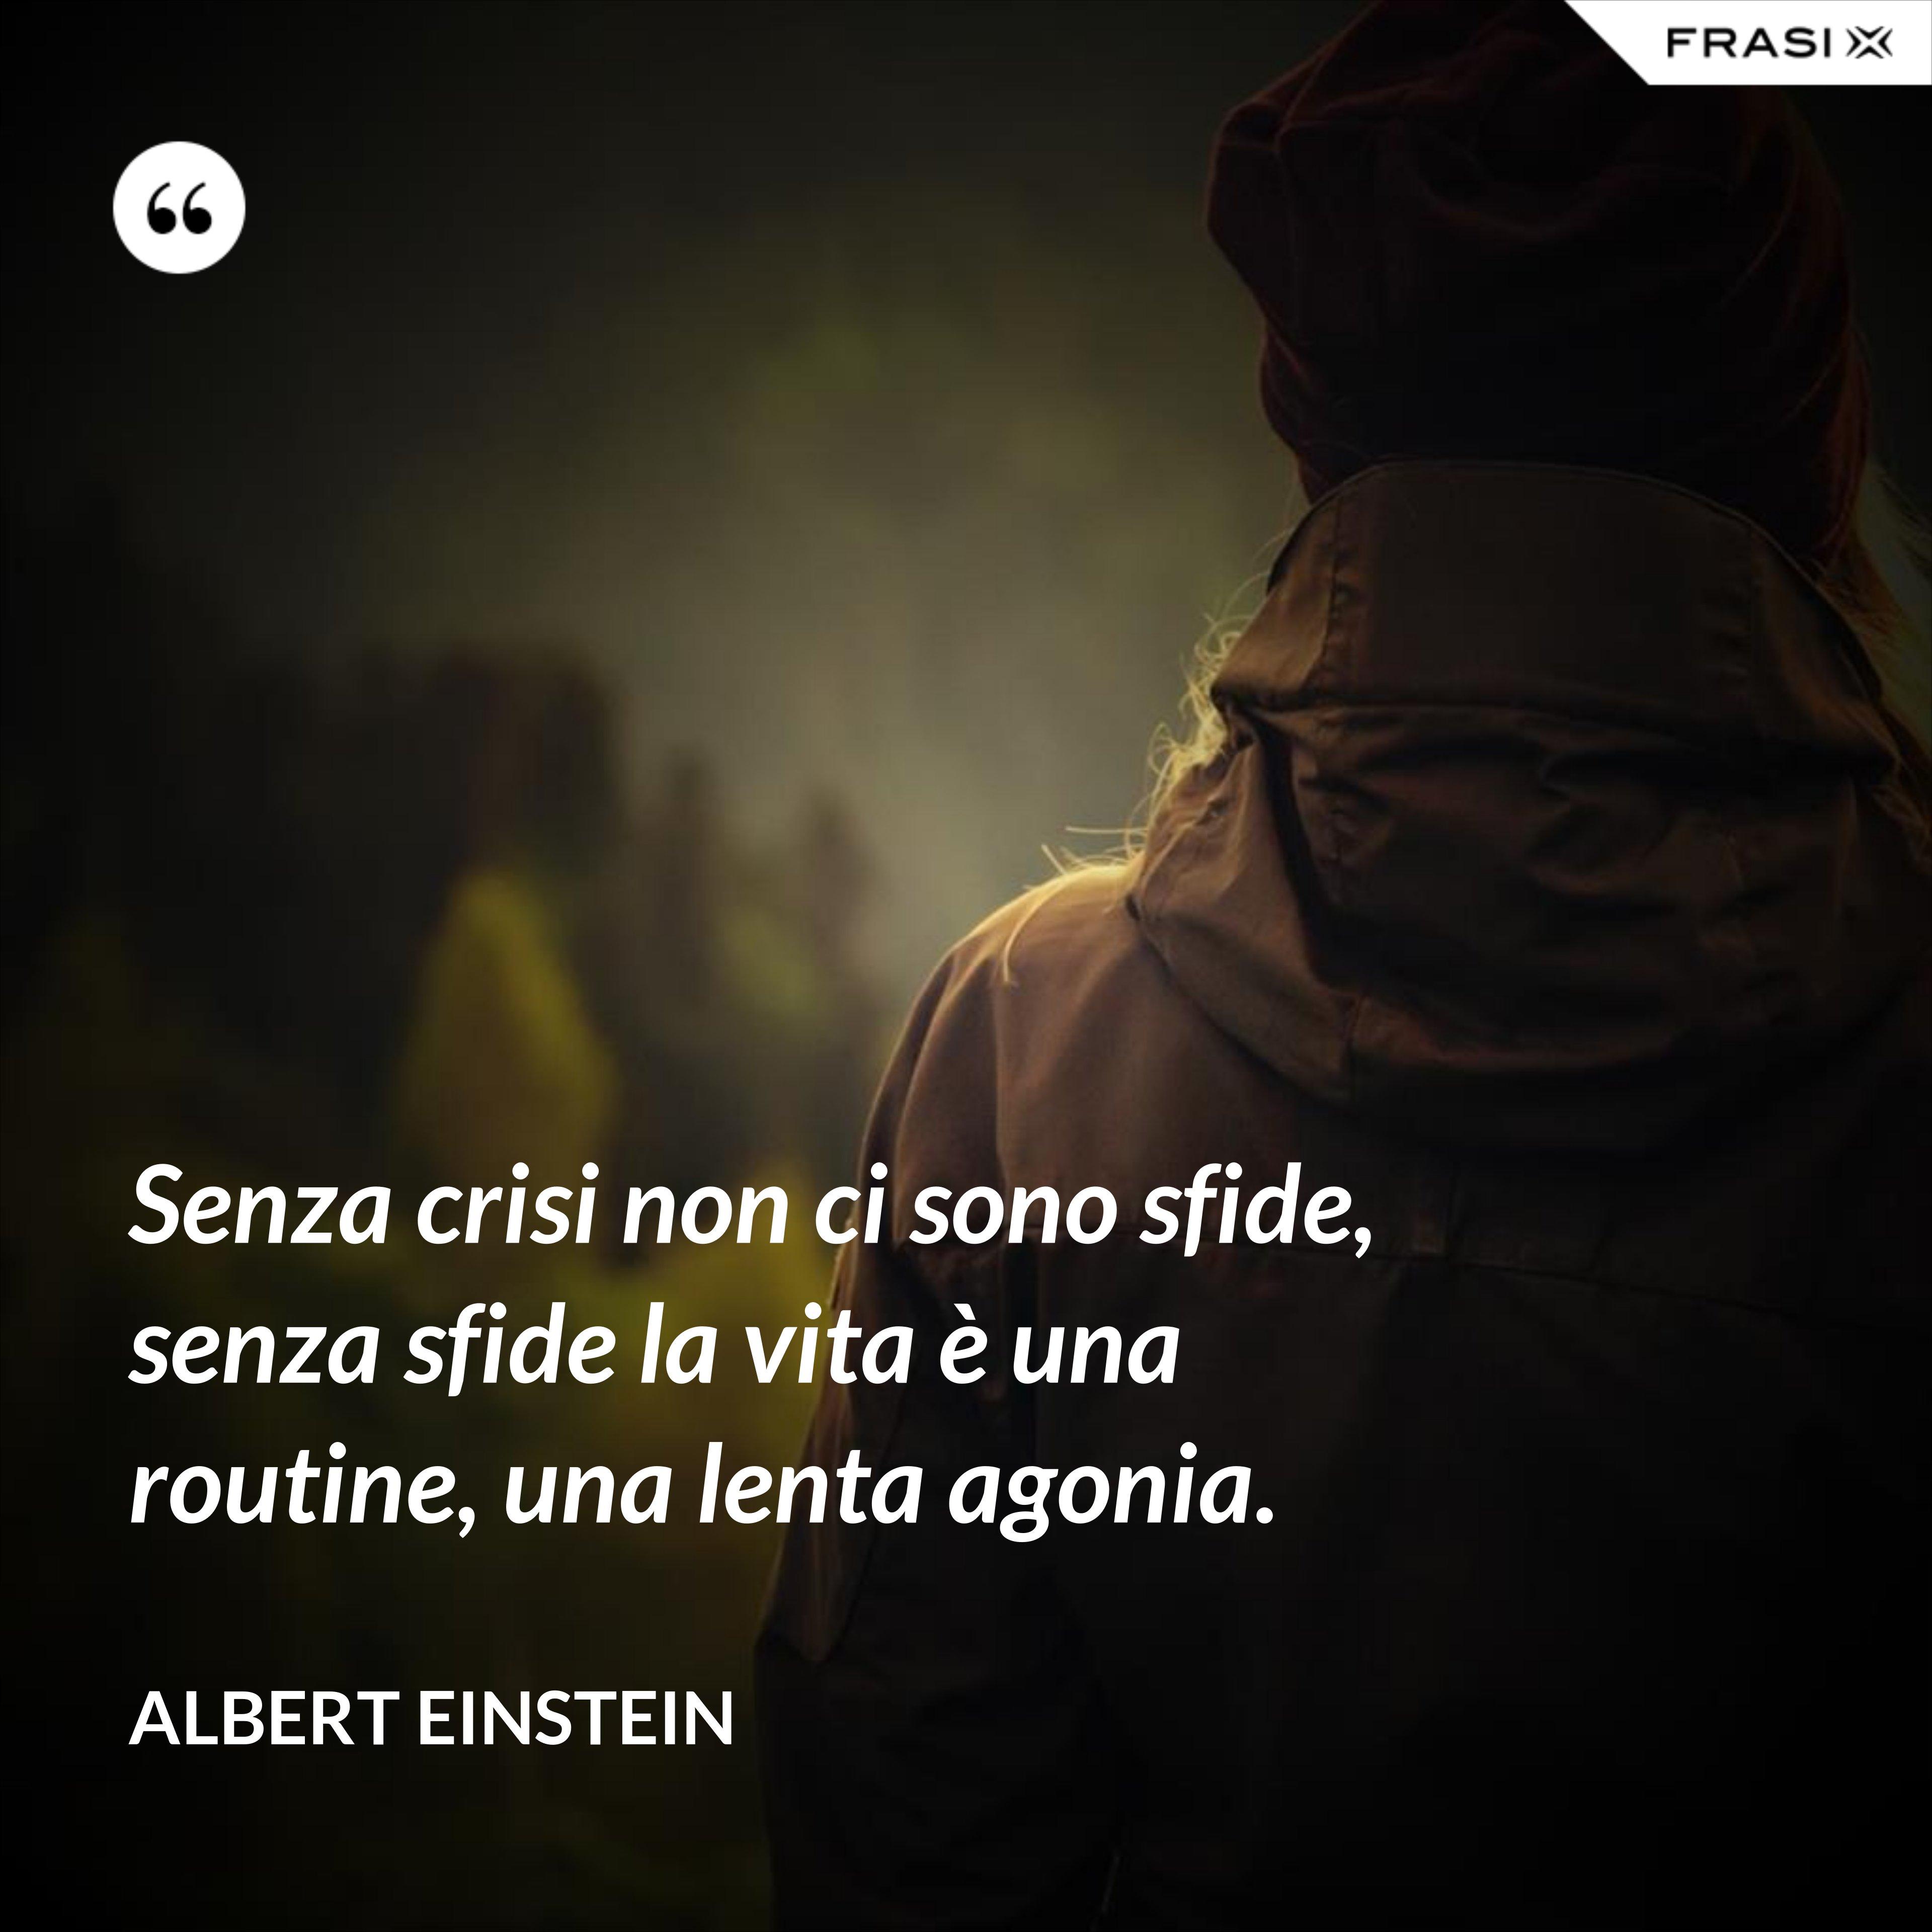 Senza crisi non ci sono sfide, senza sfide la vita è una routine, una lenta agonia. - Albert Einstein